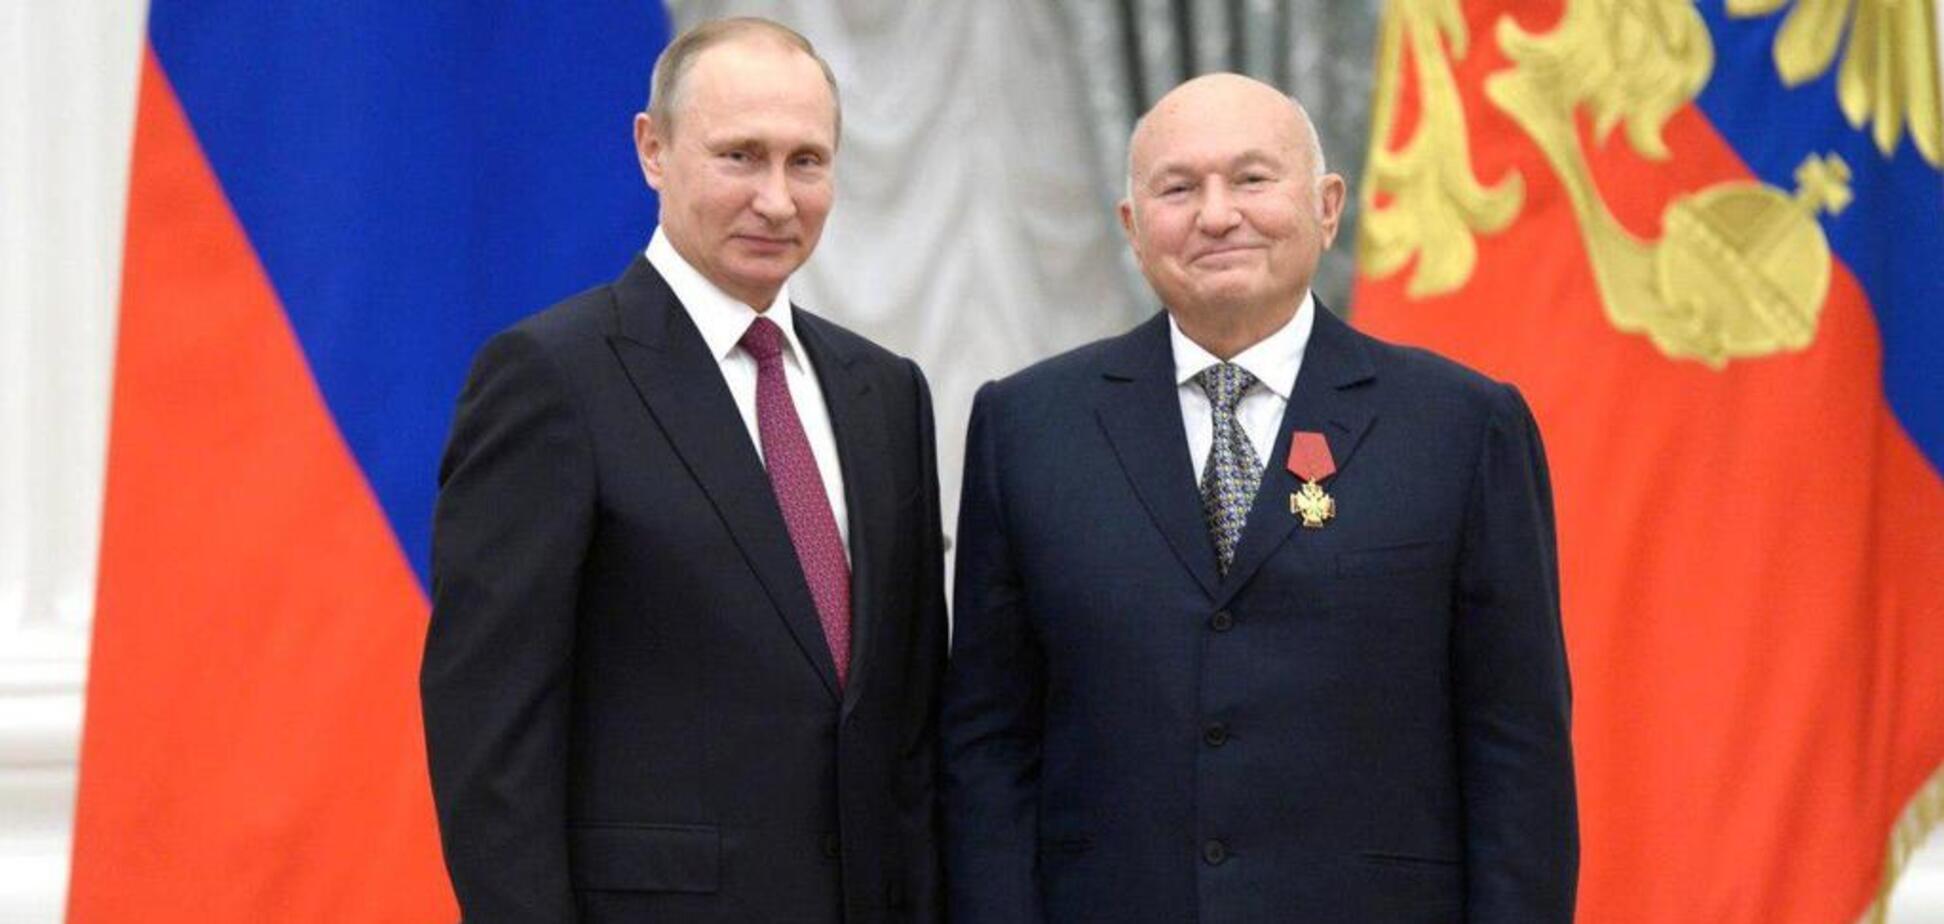 Помер колишній мер Москви, який зневажав Україну